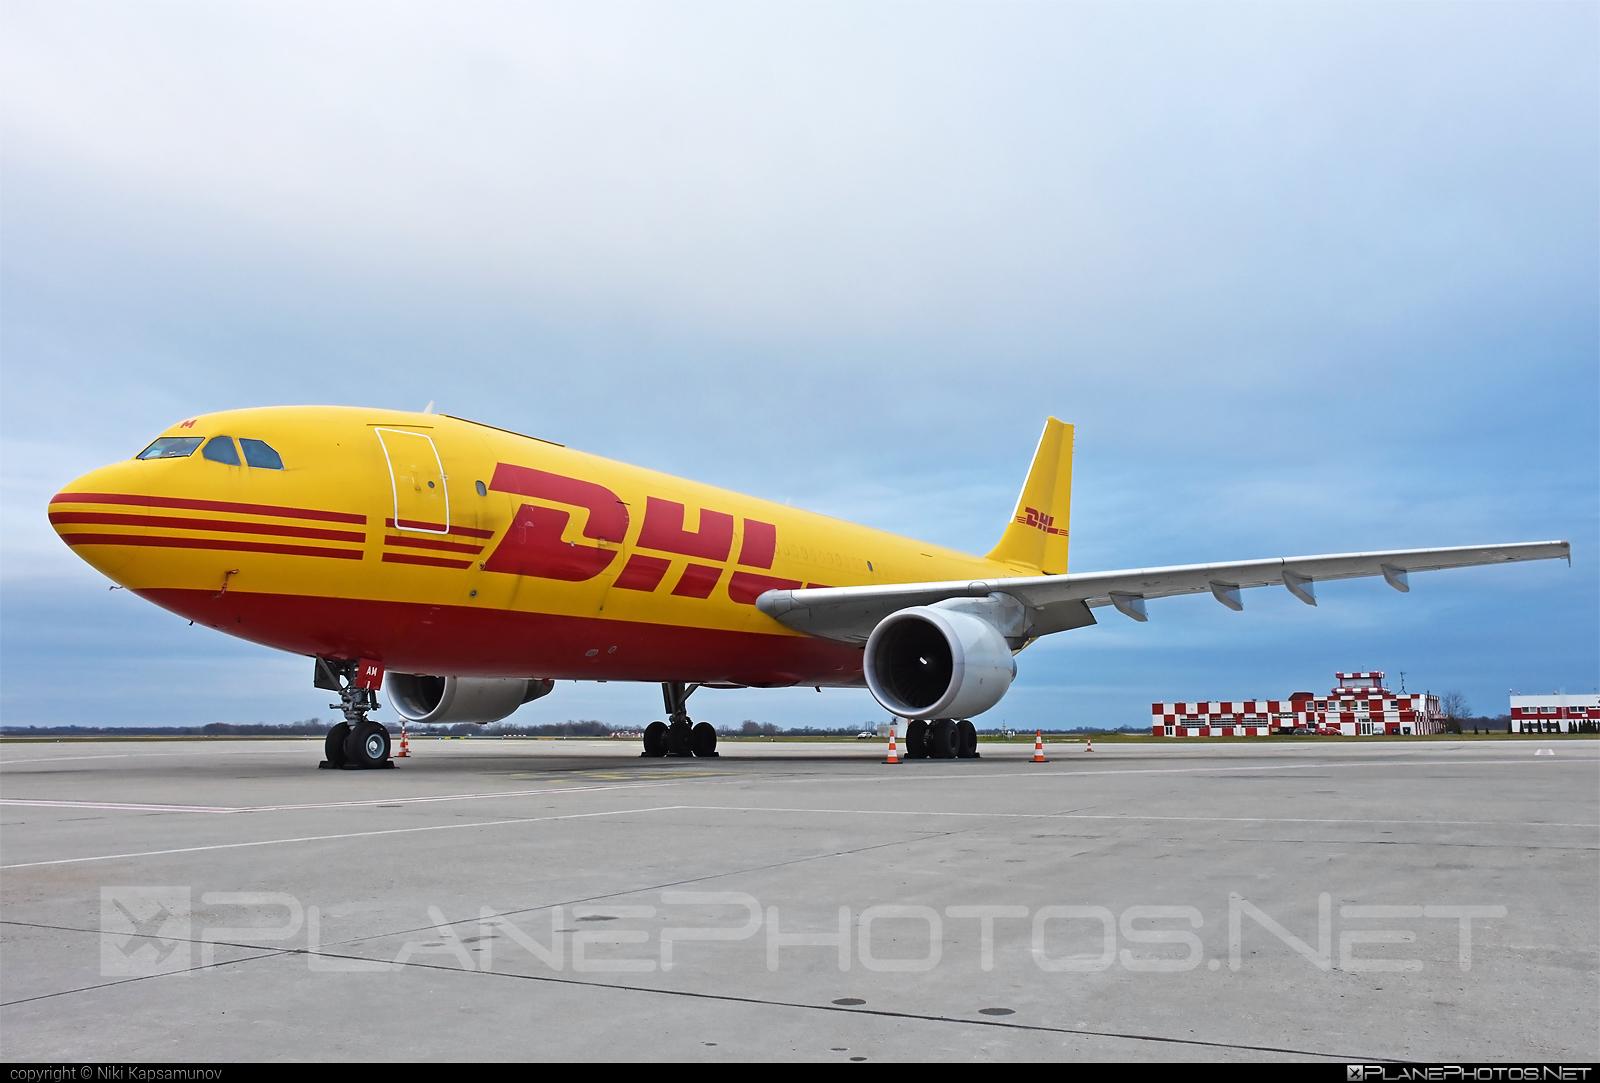 Airbus A300B4-622R - D-AEAM operated by DHL (European Air Transport) #a300 #airbus